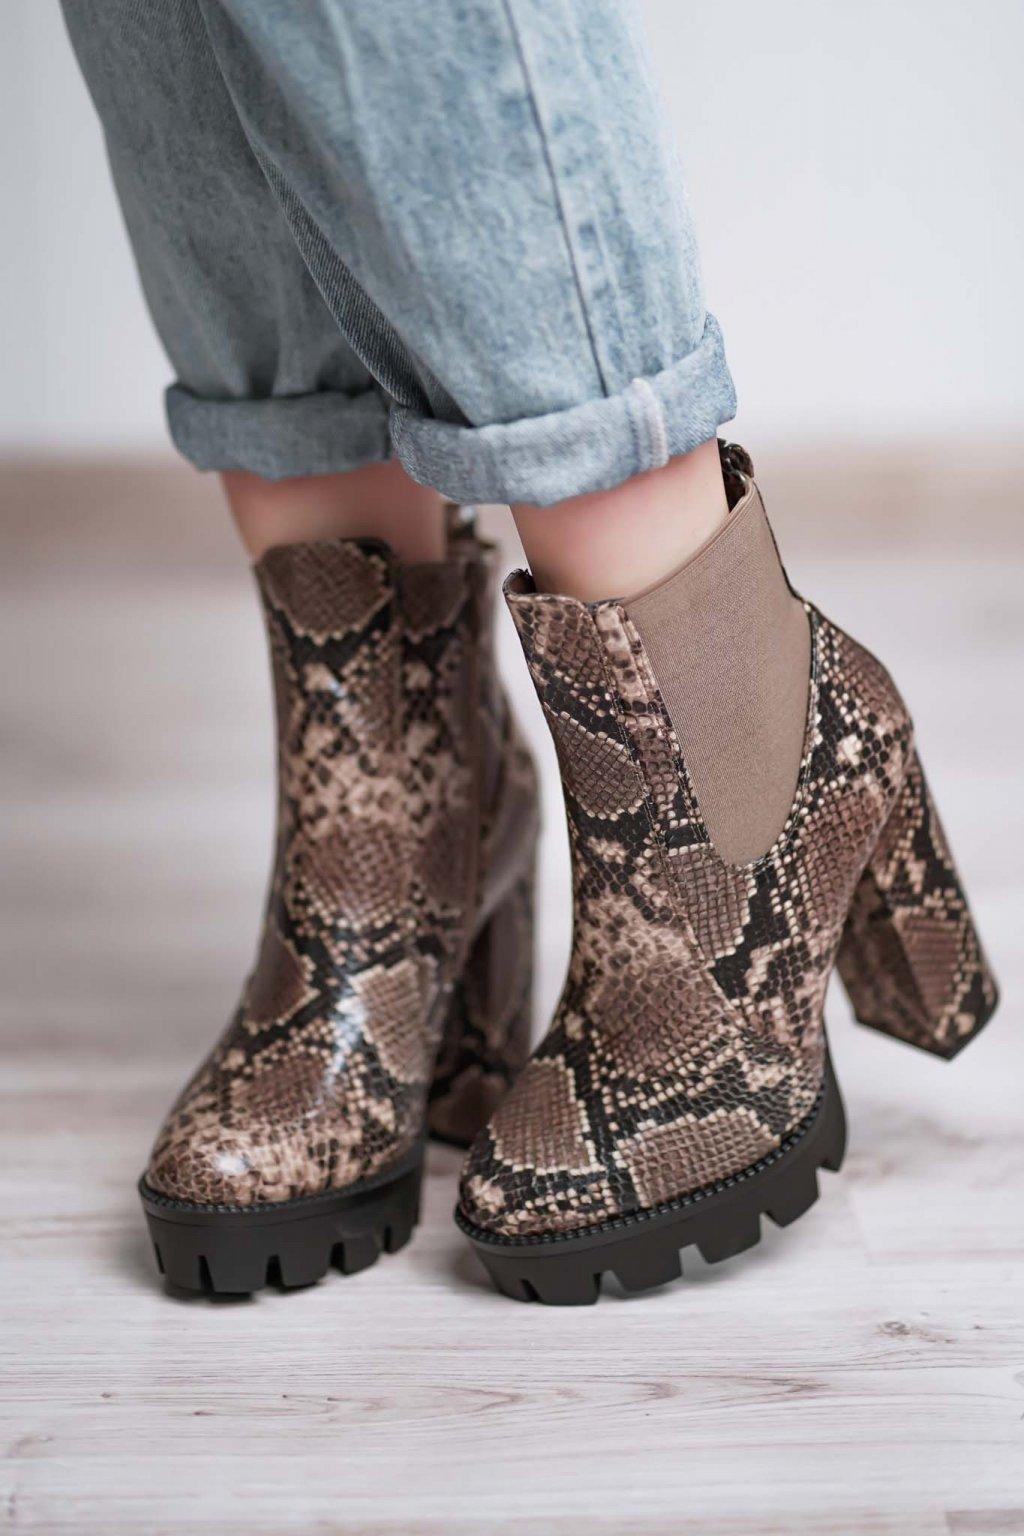 topánky, obuv, tenisky, botasky, lodičky, čižmy, šľapky, sandálky 325